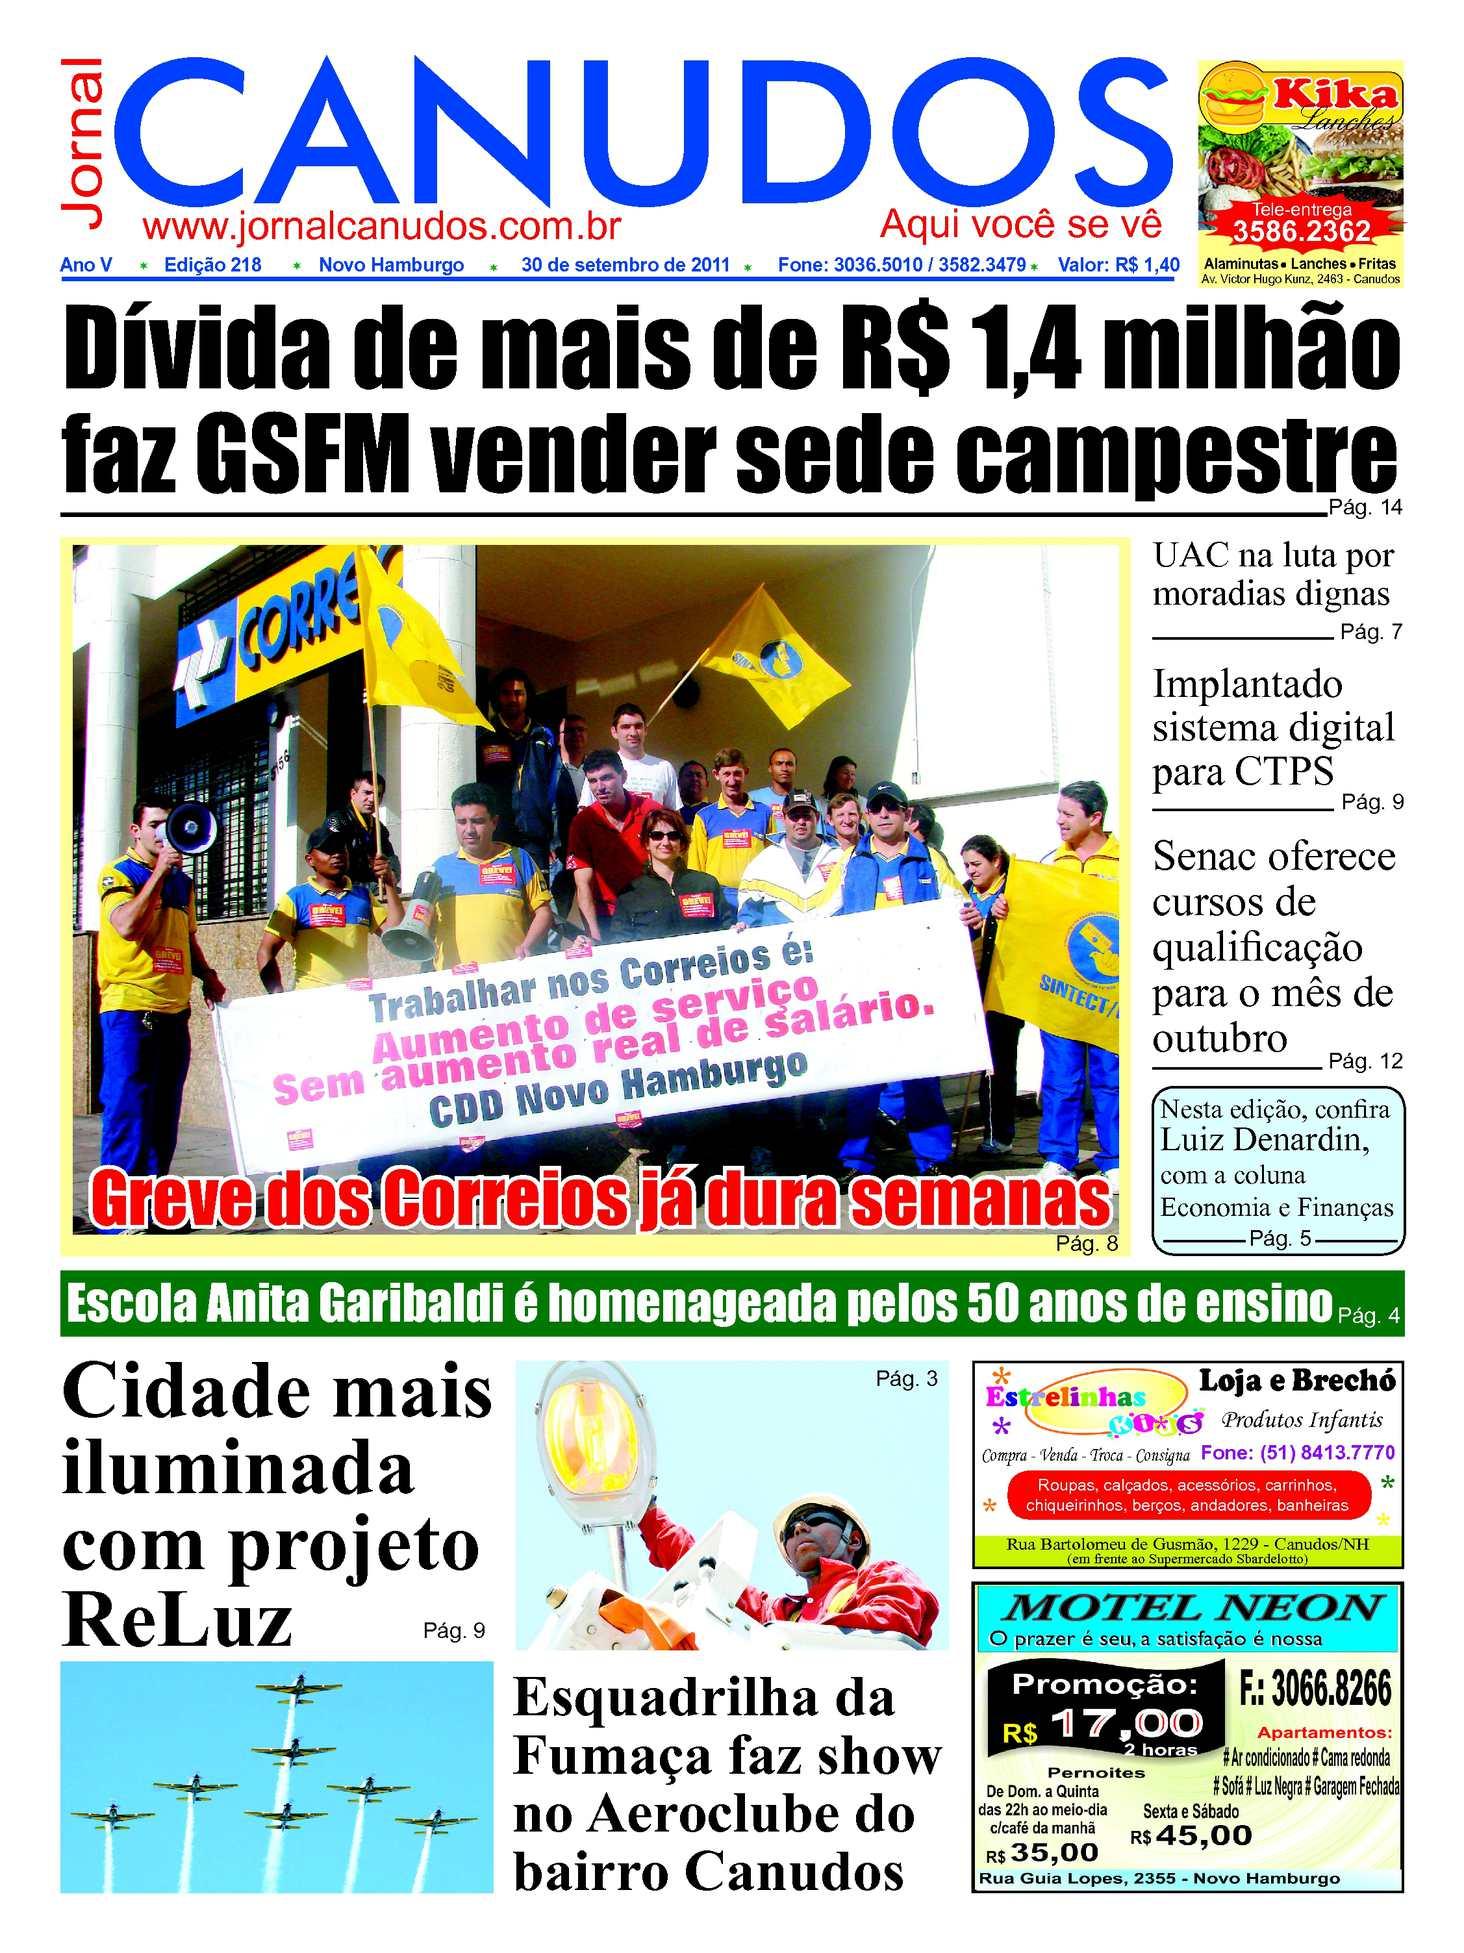 909ad3e2a6 Calaméo - Jornal Canudos - Edição 218